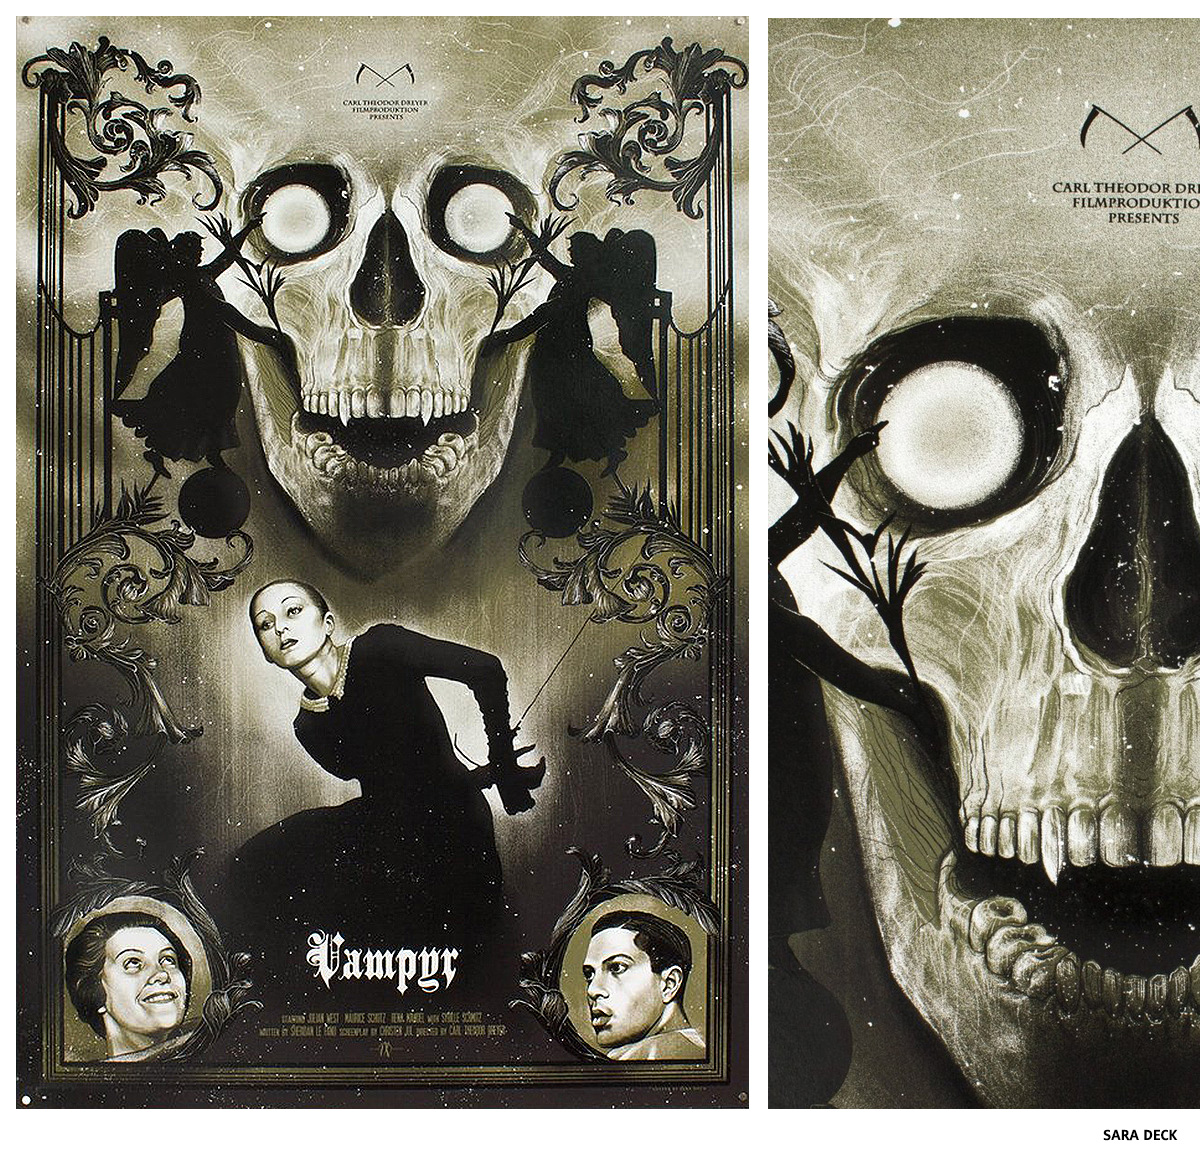 Vampyr par Sara Deck affiche sérigraphie